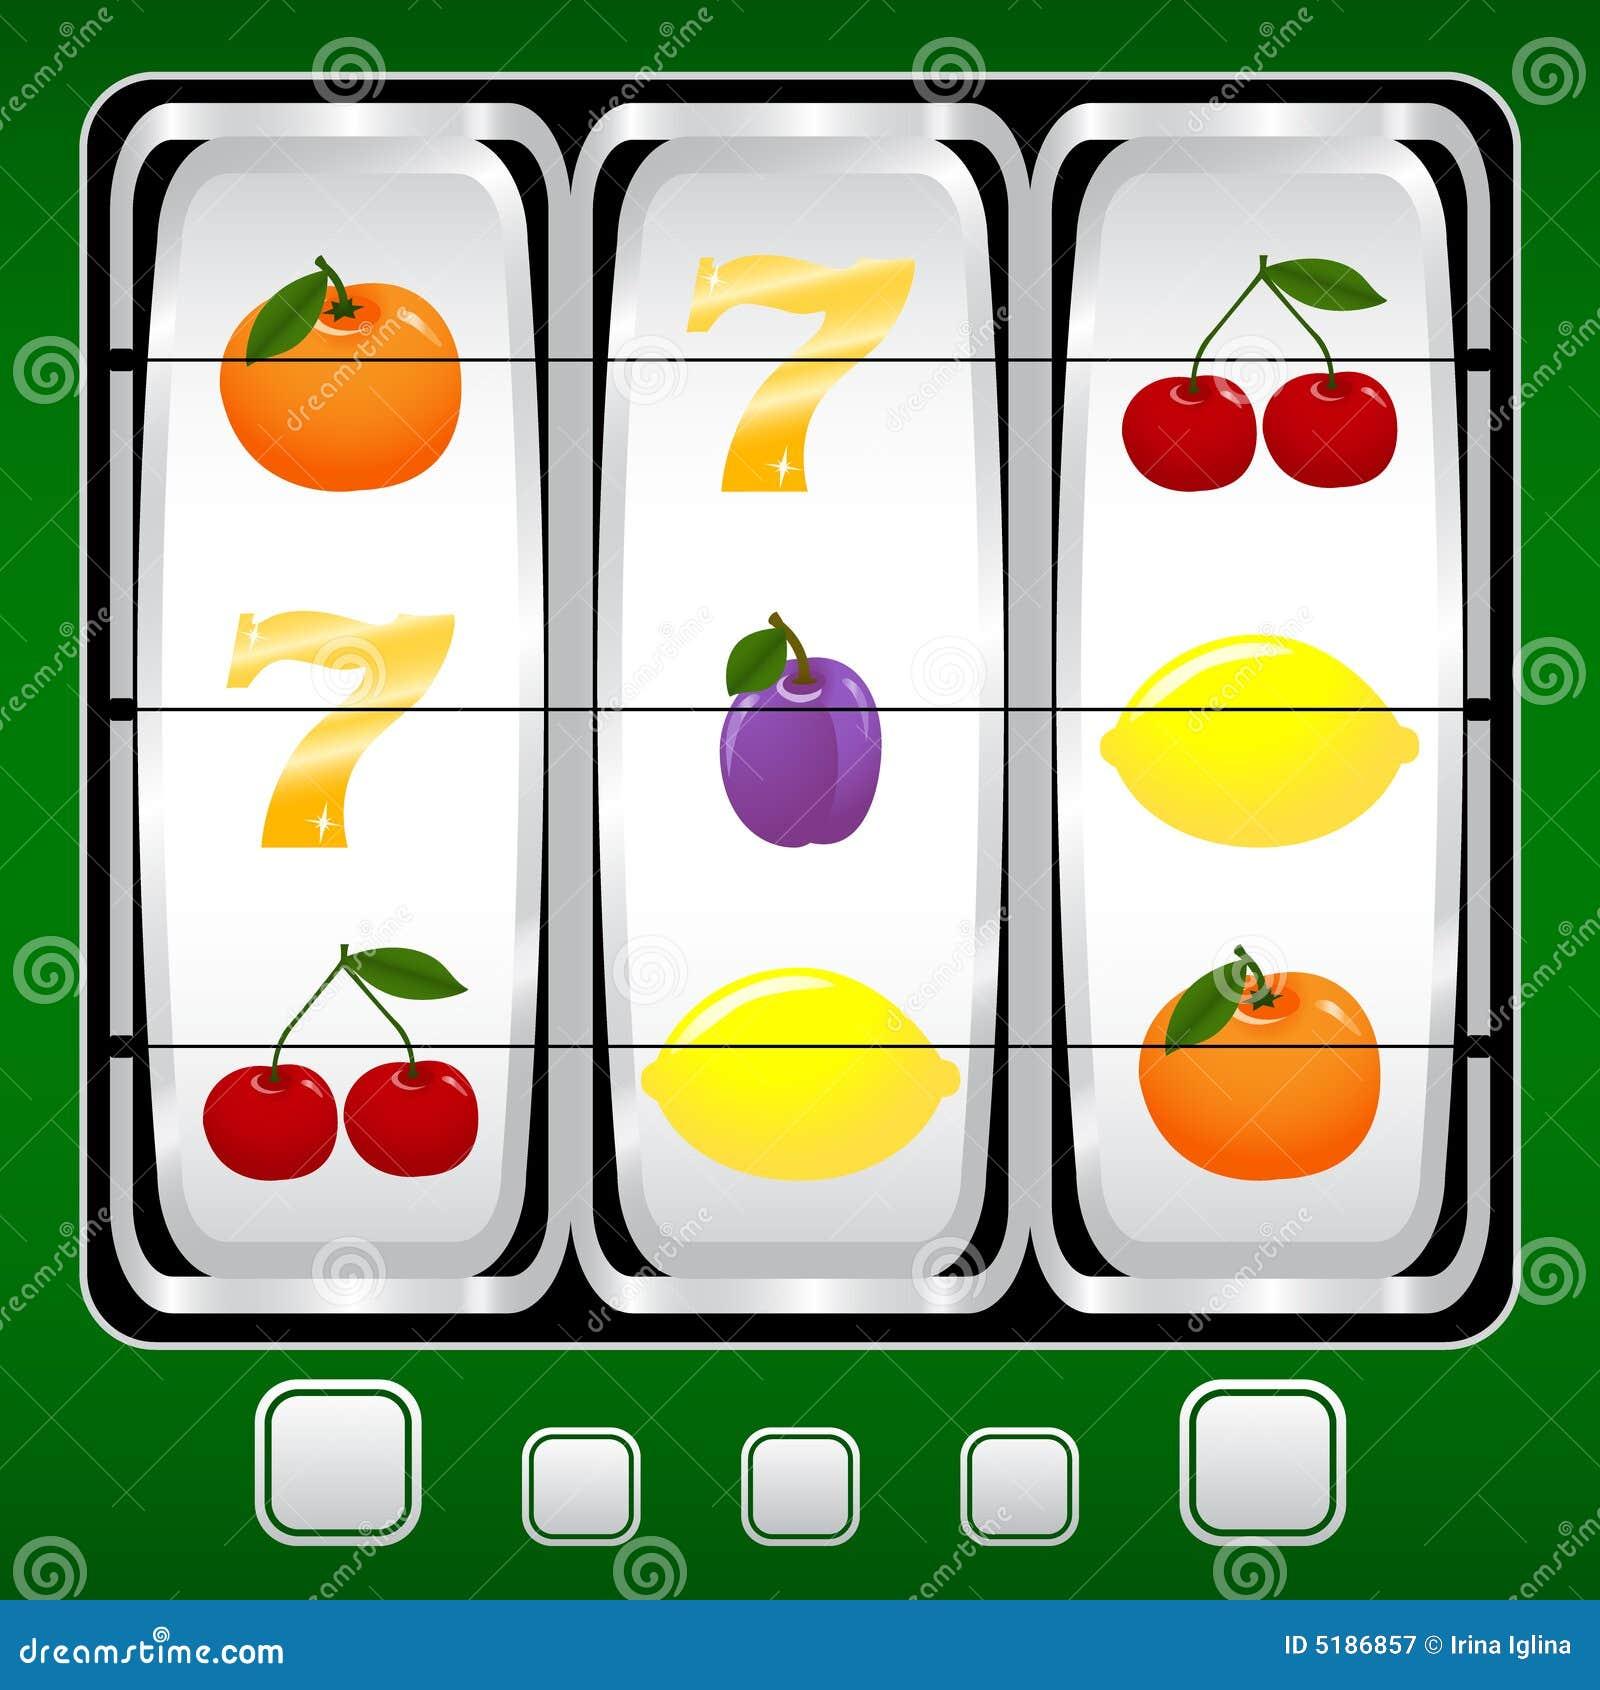 Cherry casino free slots